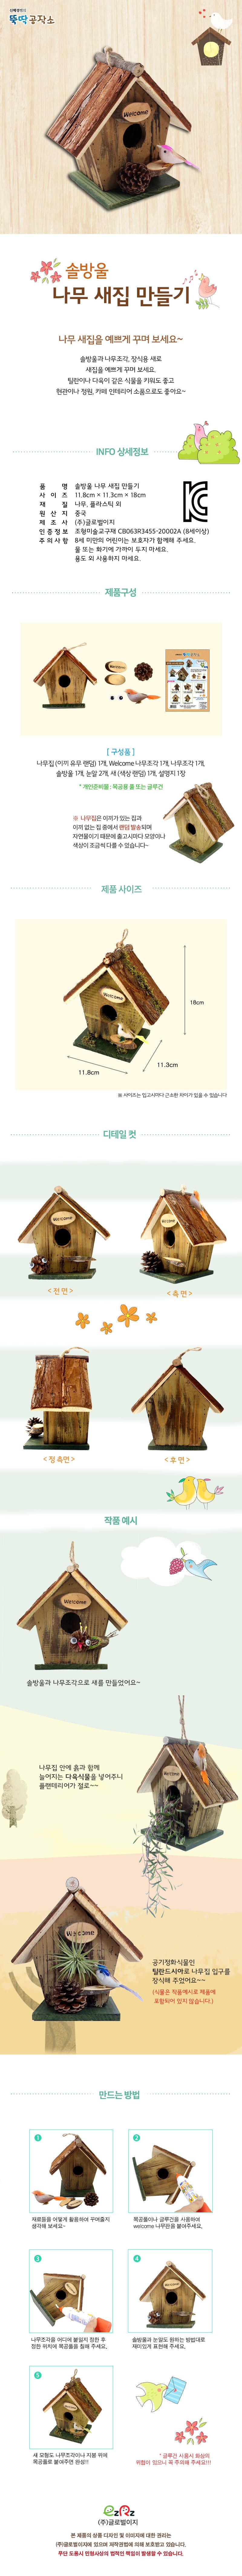 솔방울 나무 새집 만들기 - 이지피아, 13,300원, 우드공예, 우드공예 패키지